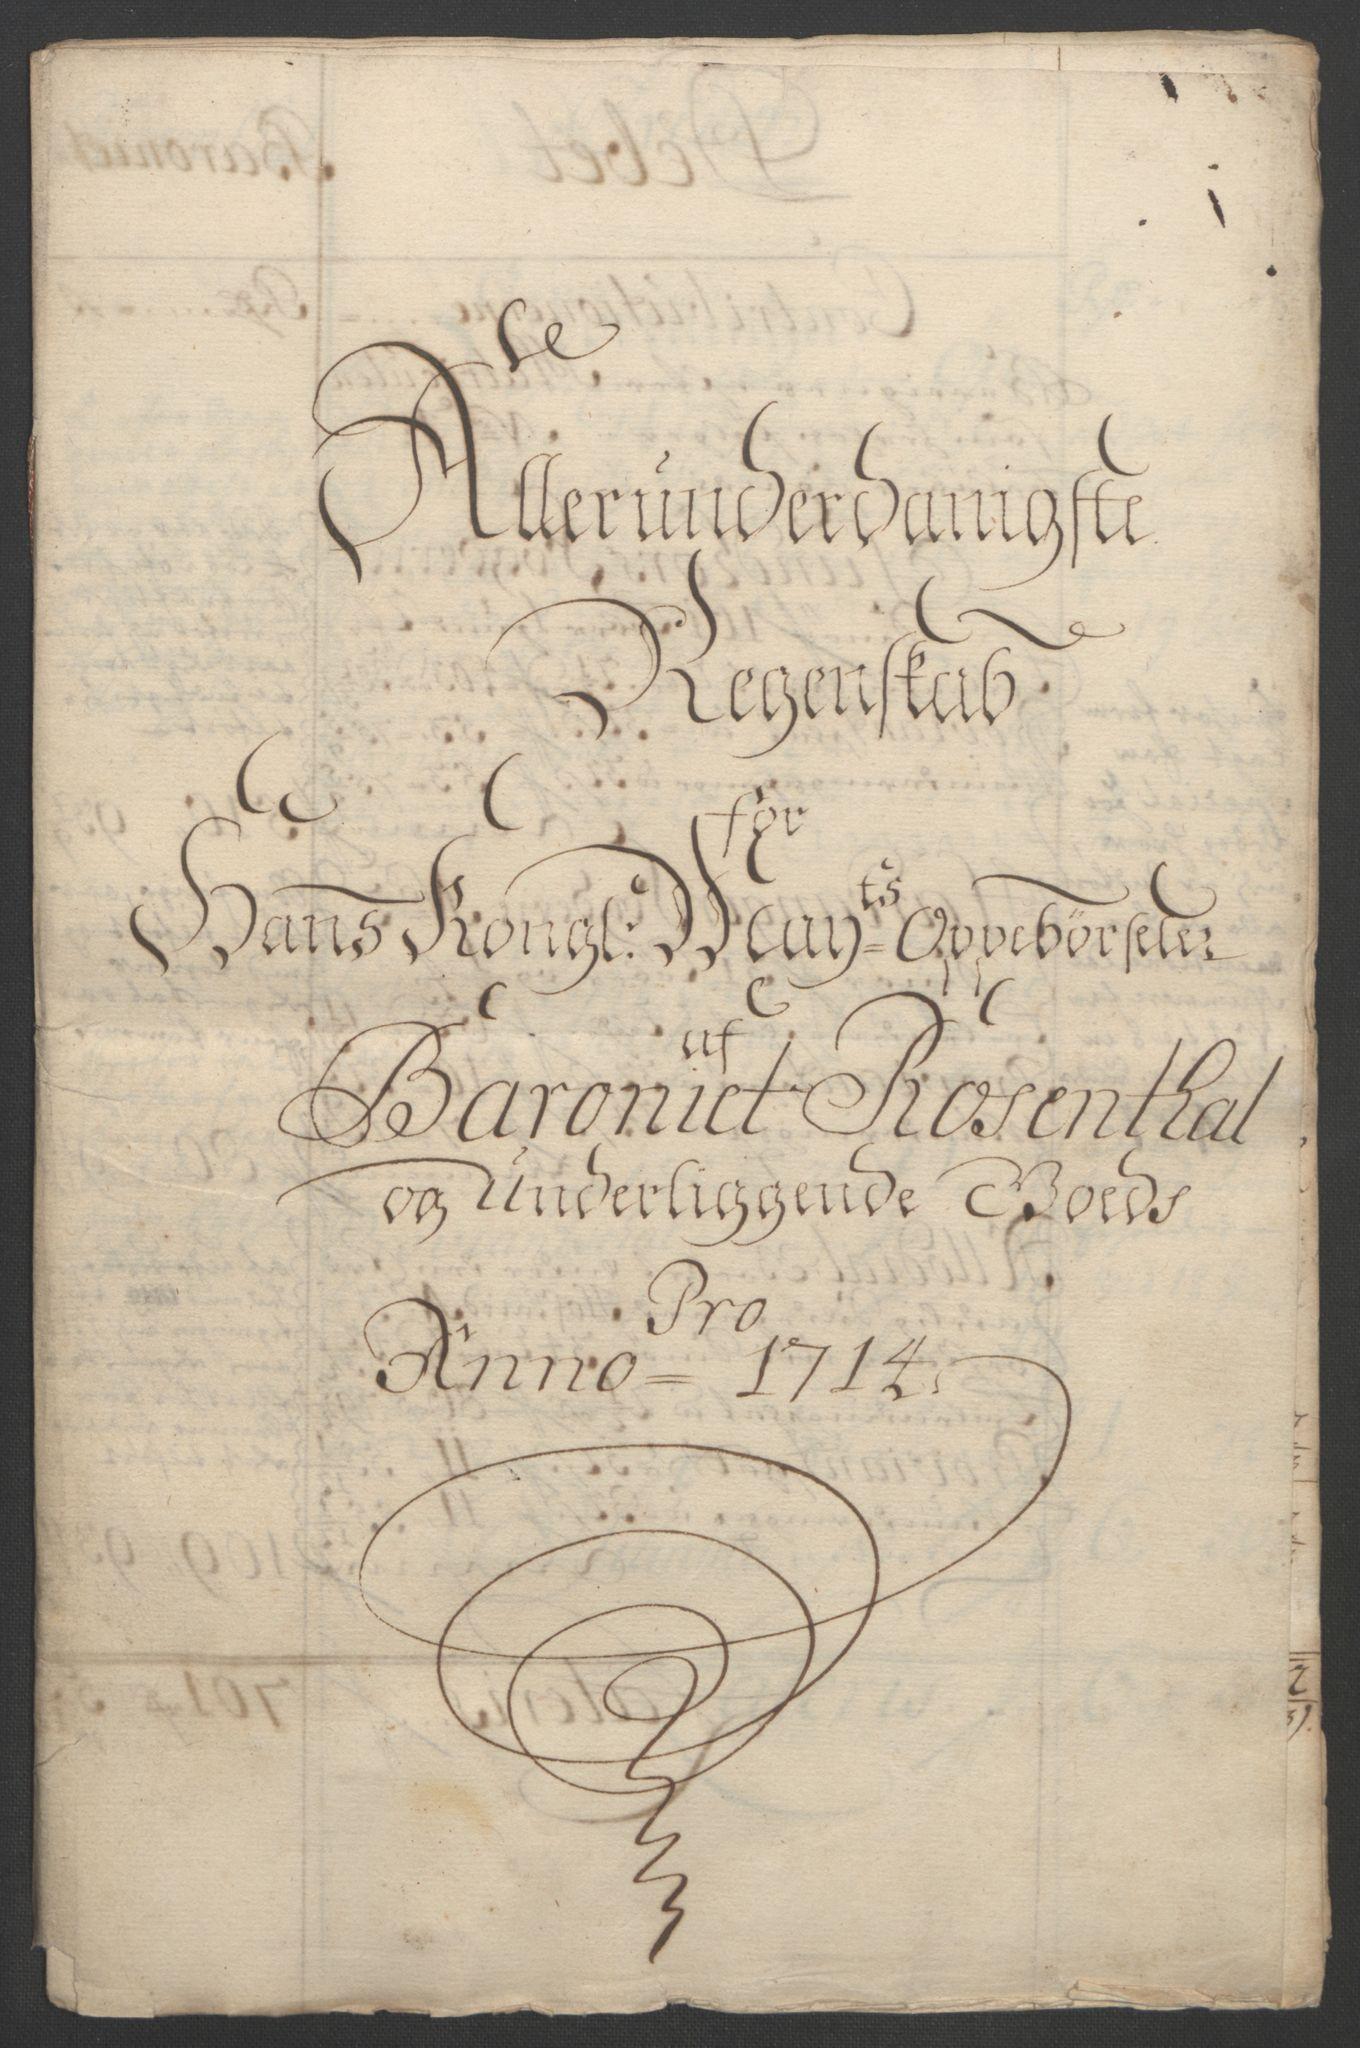 RA, Rentekammeret inntil 1814, Reviderte regnskaper, Fogderegnskap, R49/L3138: Fogderegnskap Rosendal Baroni, 1691-1714, s. 357